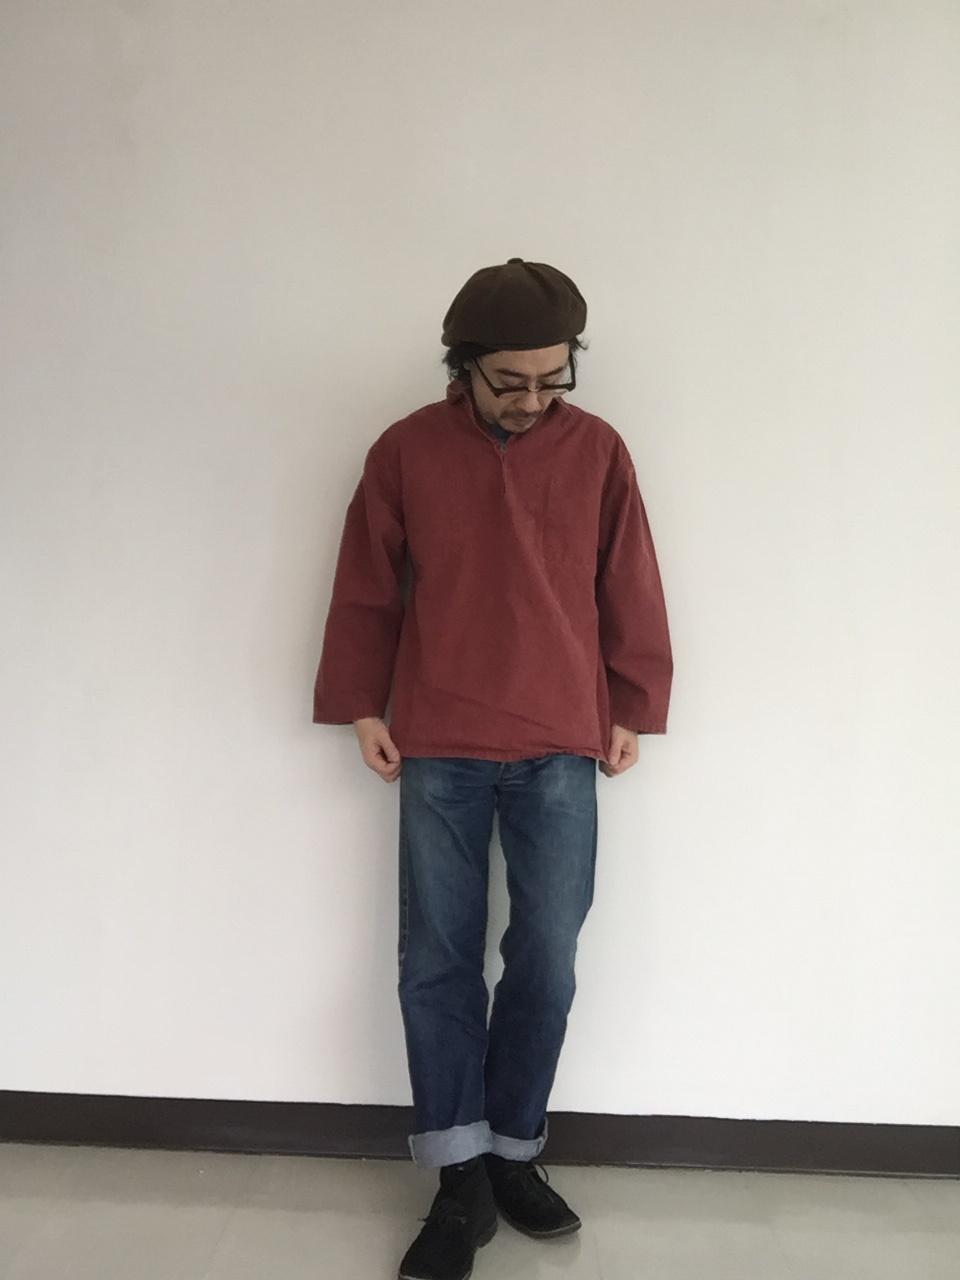 d0324958_131087.jpg